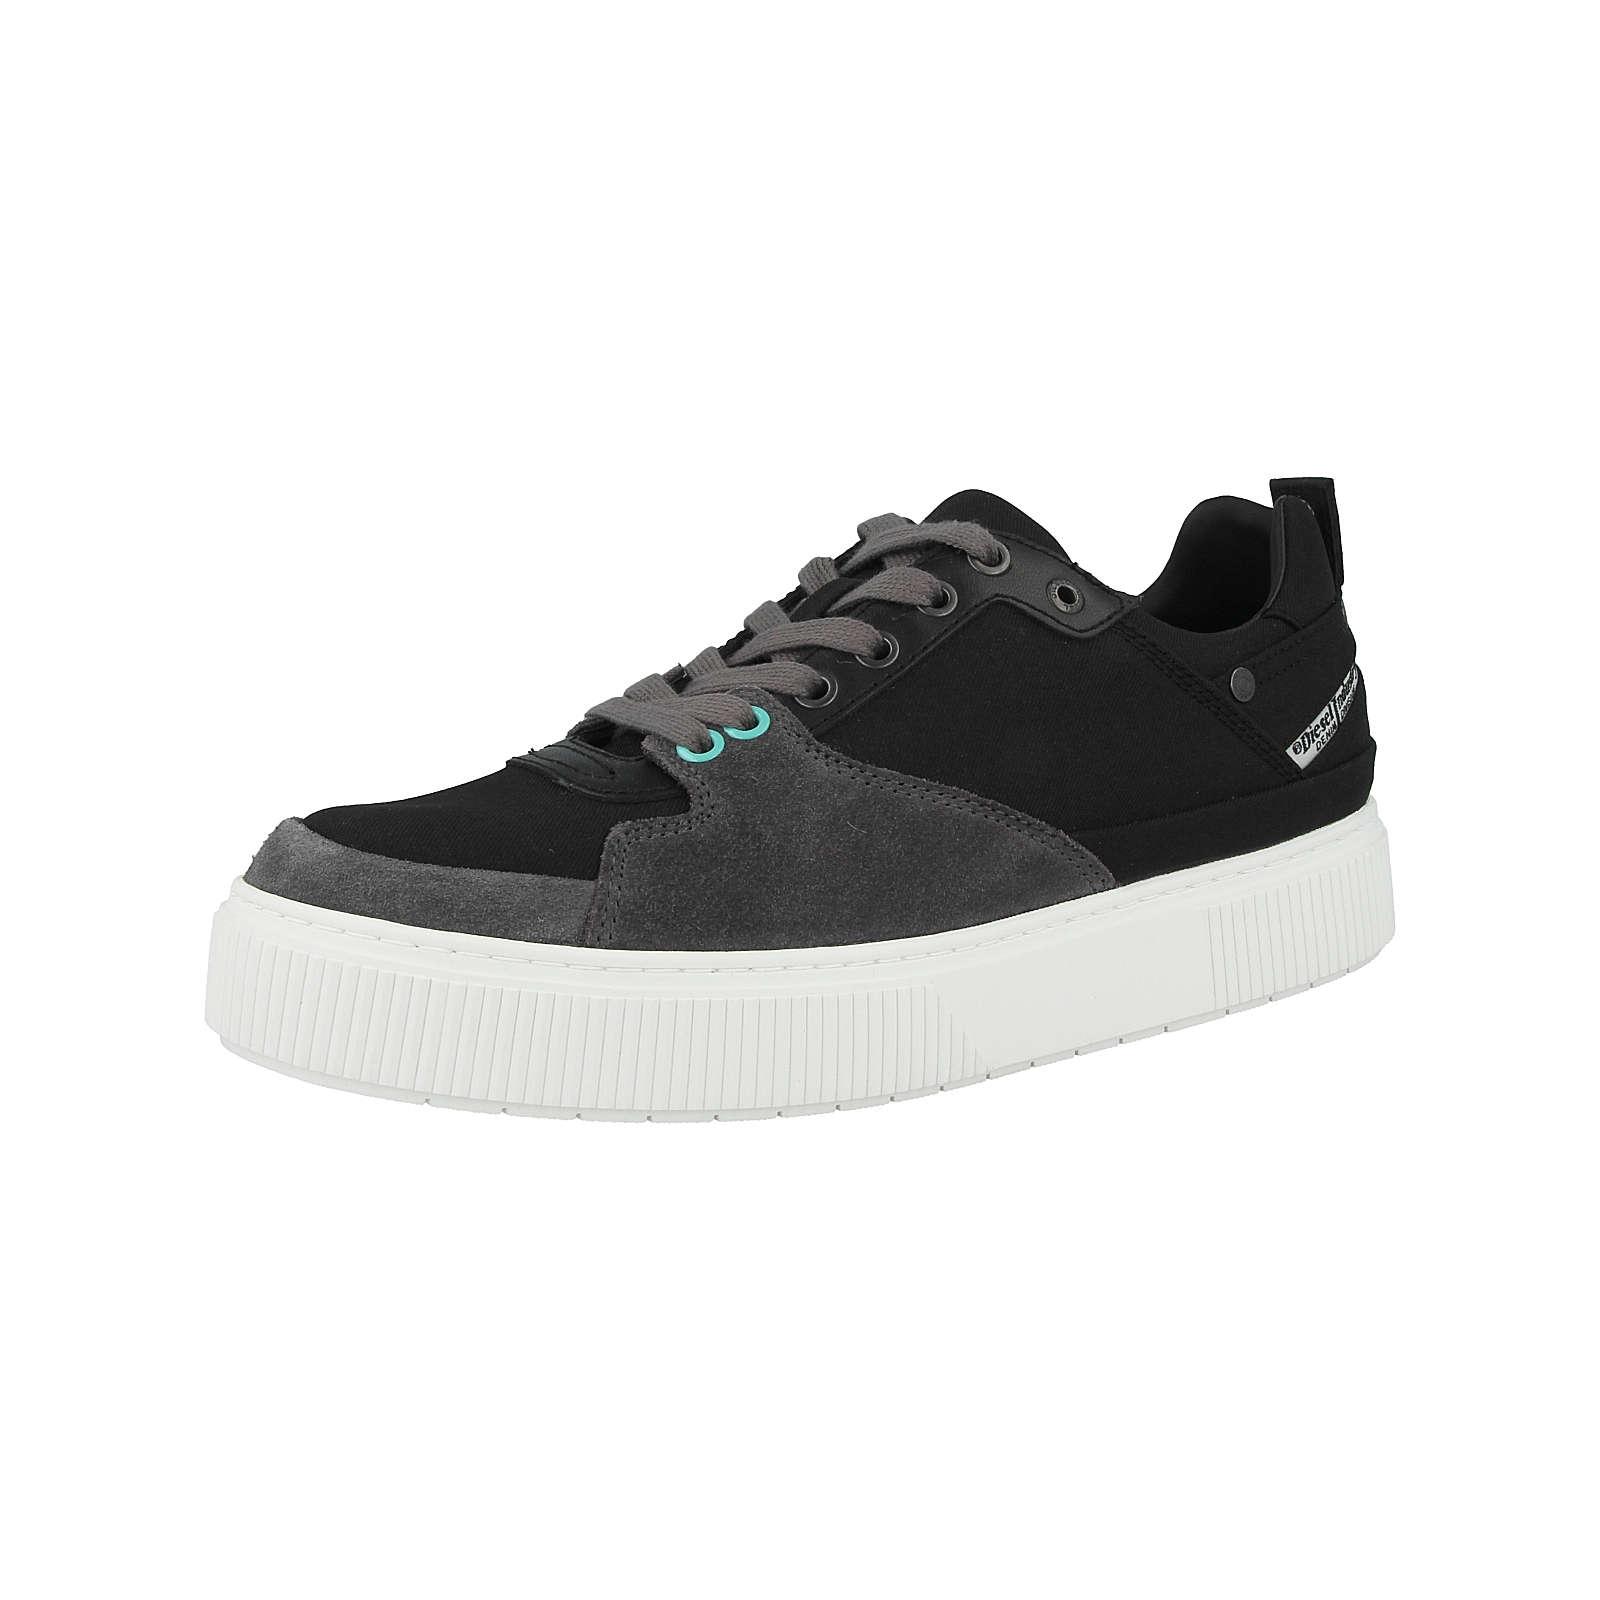 DIESEL Schuhe S-Danny LC Sneakers Low schwarz Herren Gr. 45